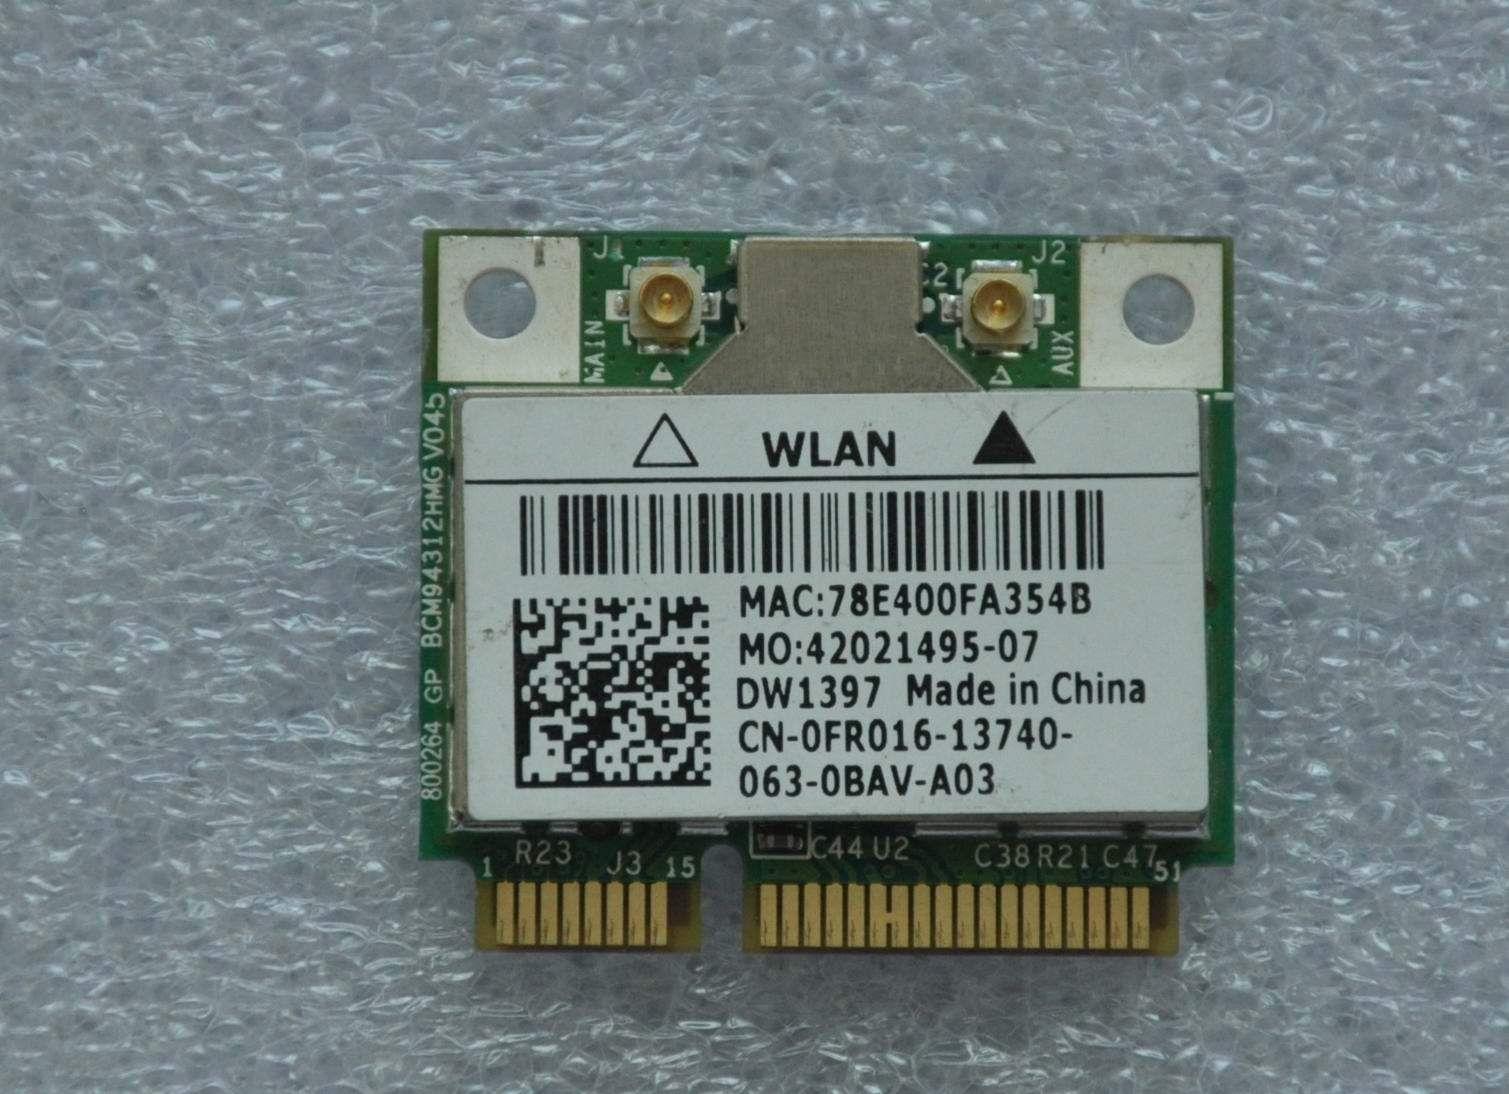 DELL LATITUDE E6400 WIFI WINDOWS 8 X64 DRIVER